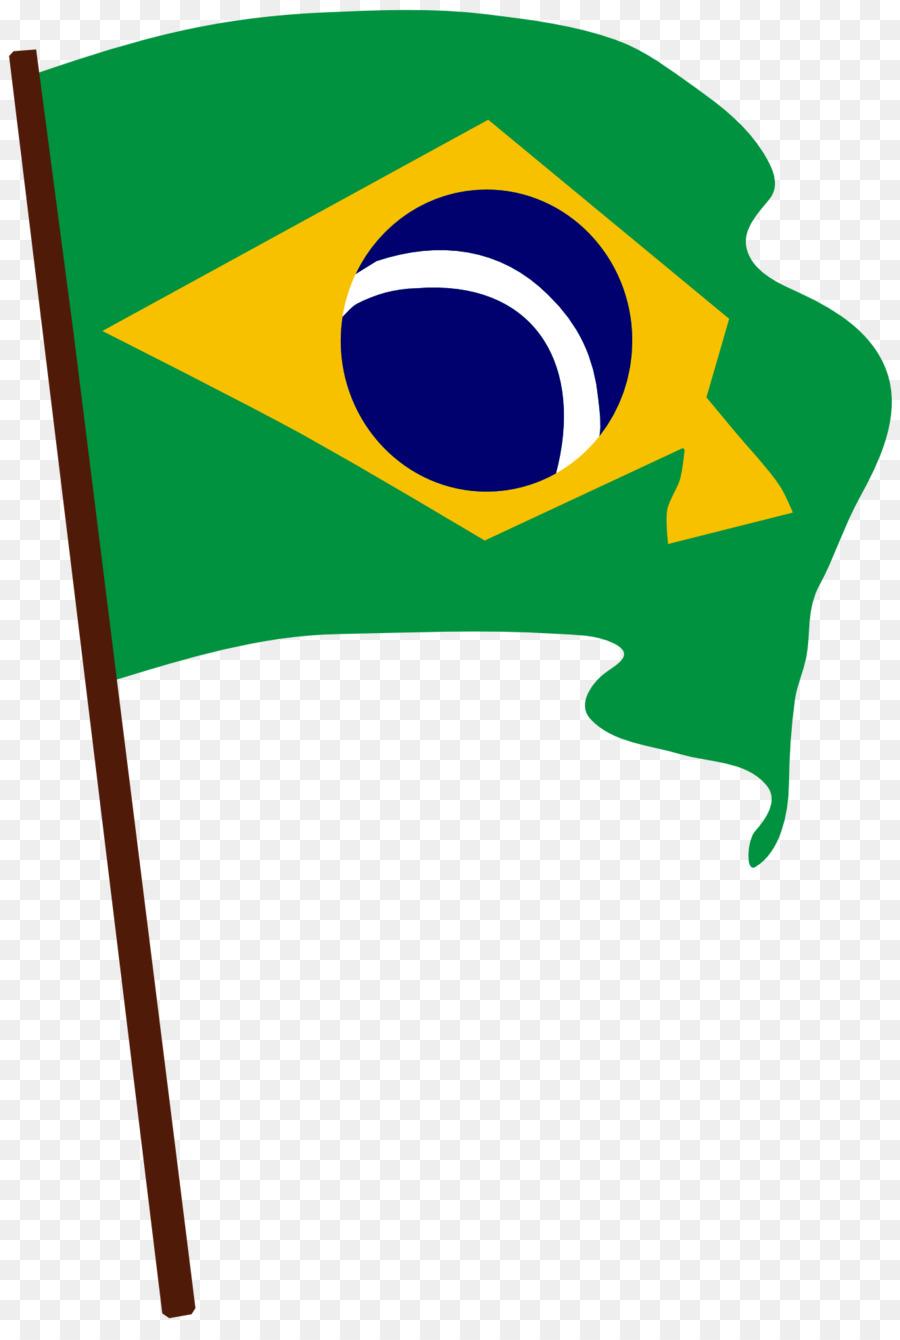 flag of brazil clip art brazil flag vector png download 1331 rh kisspng com brazil national flag vector brazil flag vector eps